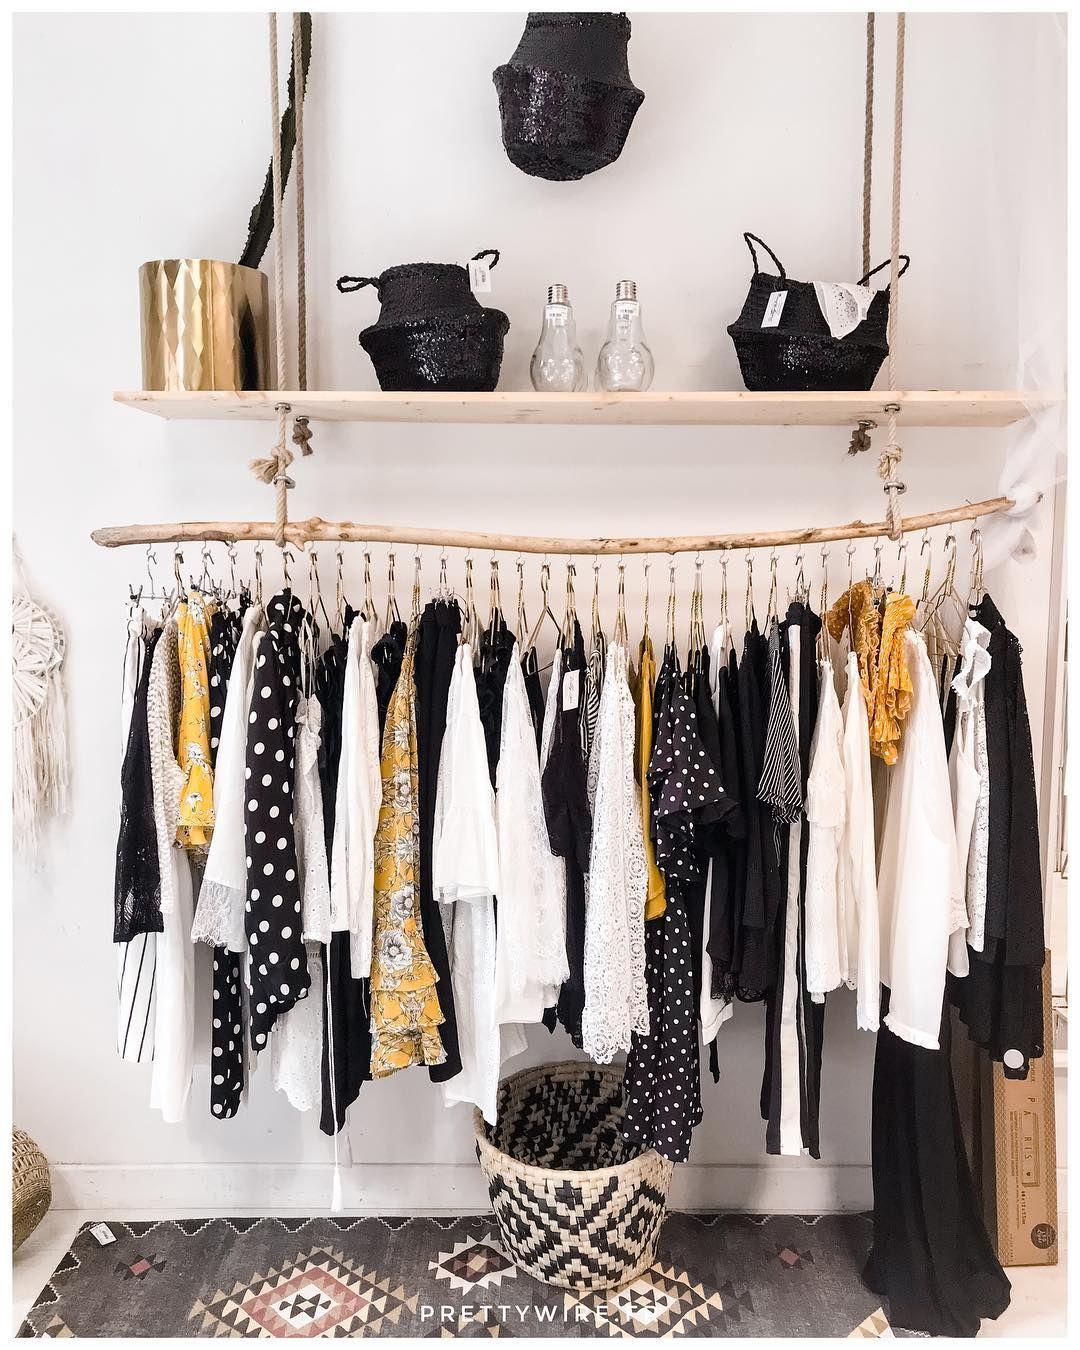 Decoratrice D Interieur Amiens concept store pretty wire à amiens🌿 | boutique de